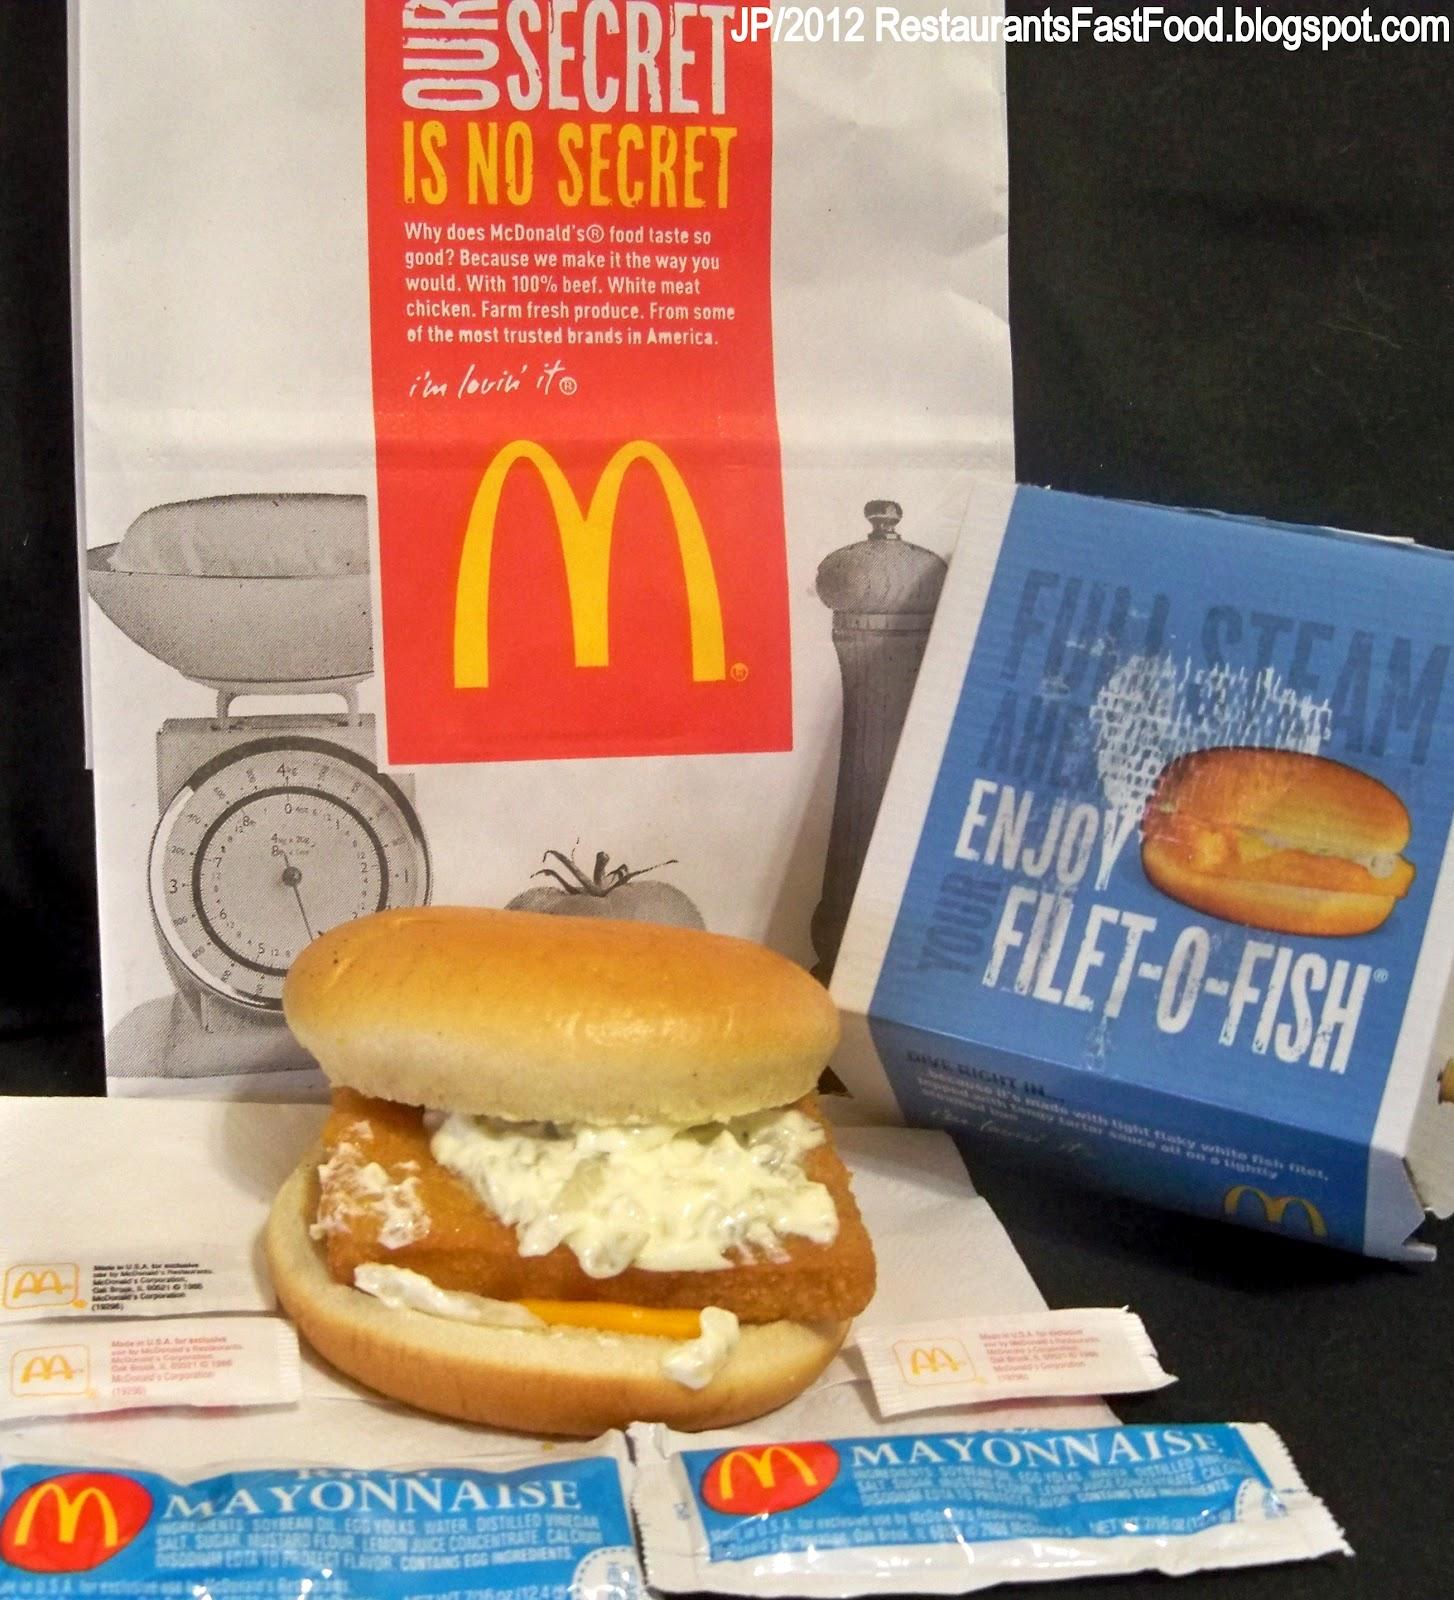 Restaurant fast food menu mcdonald 39 s dq bk hamburger pizza for Filet o fish mcdonalds